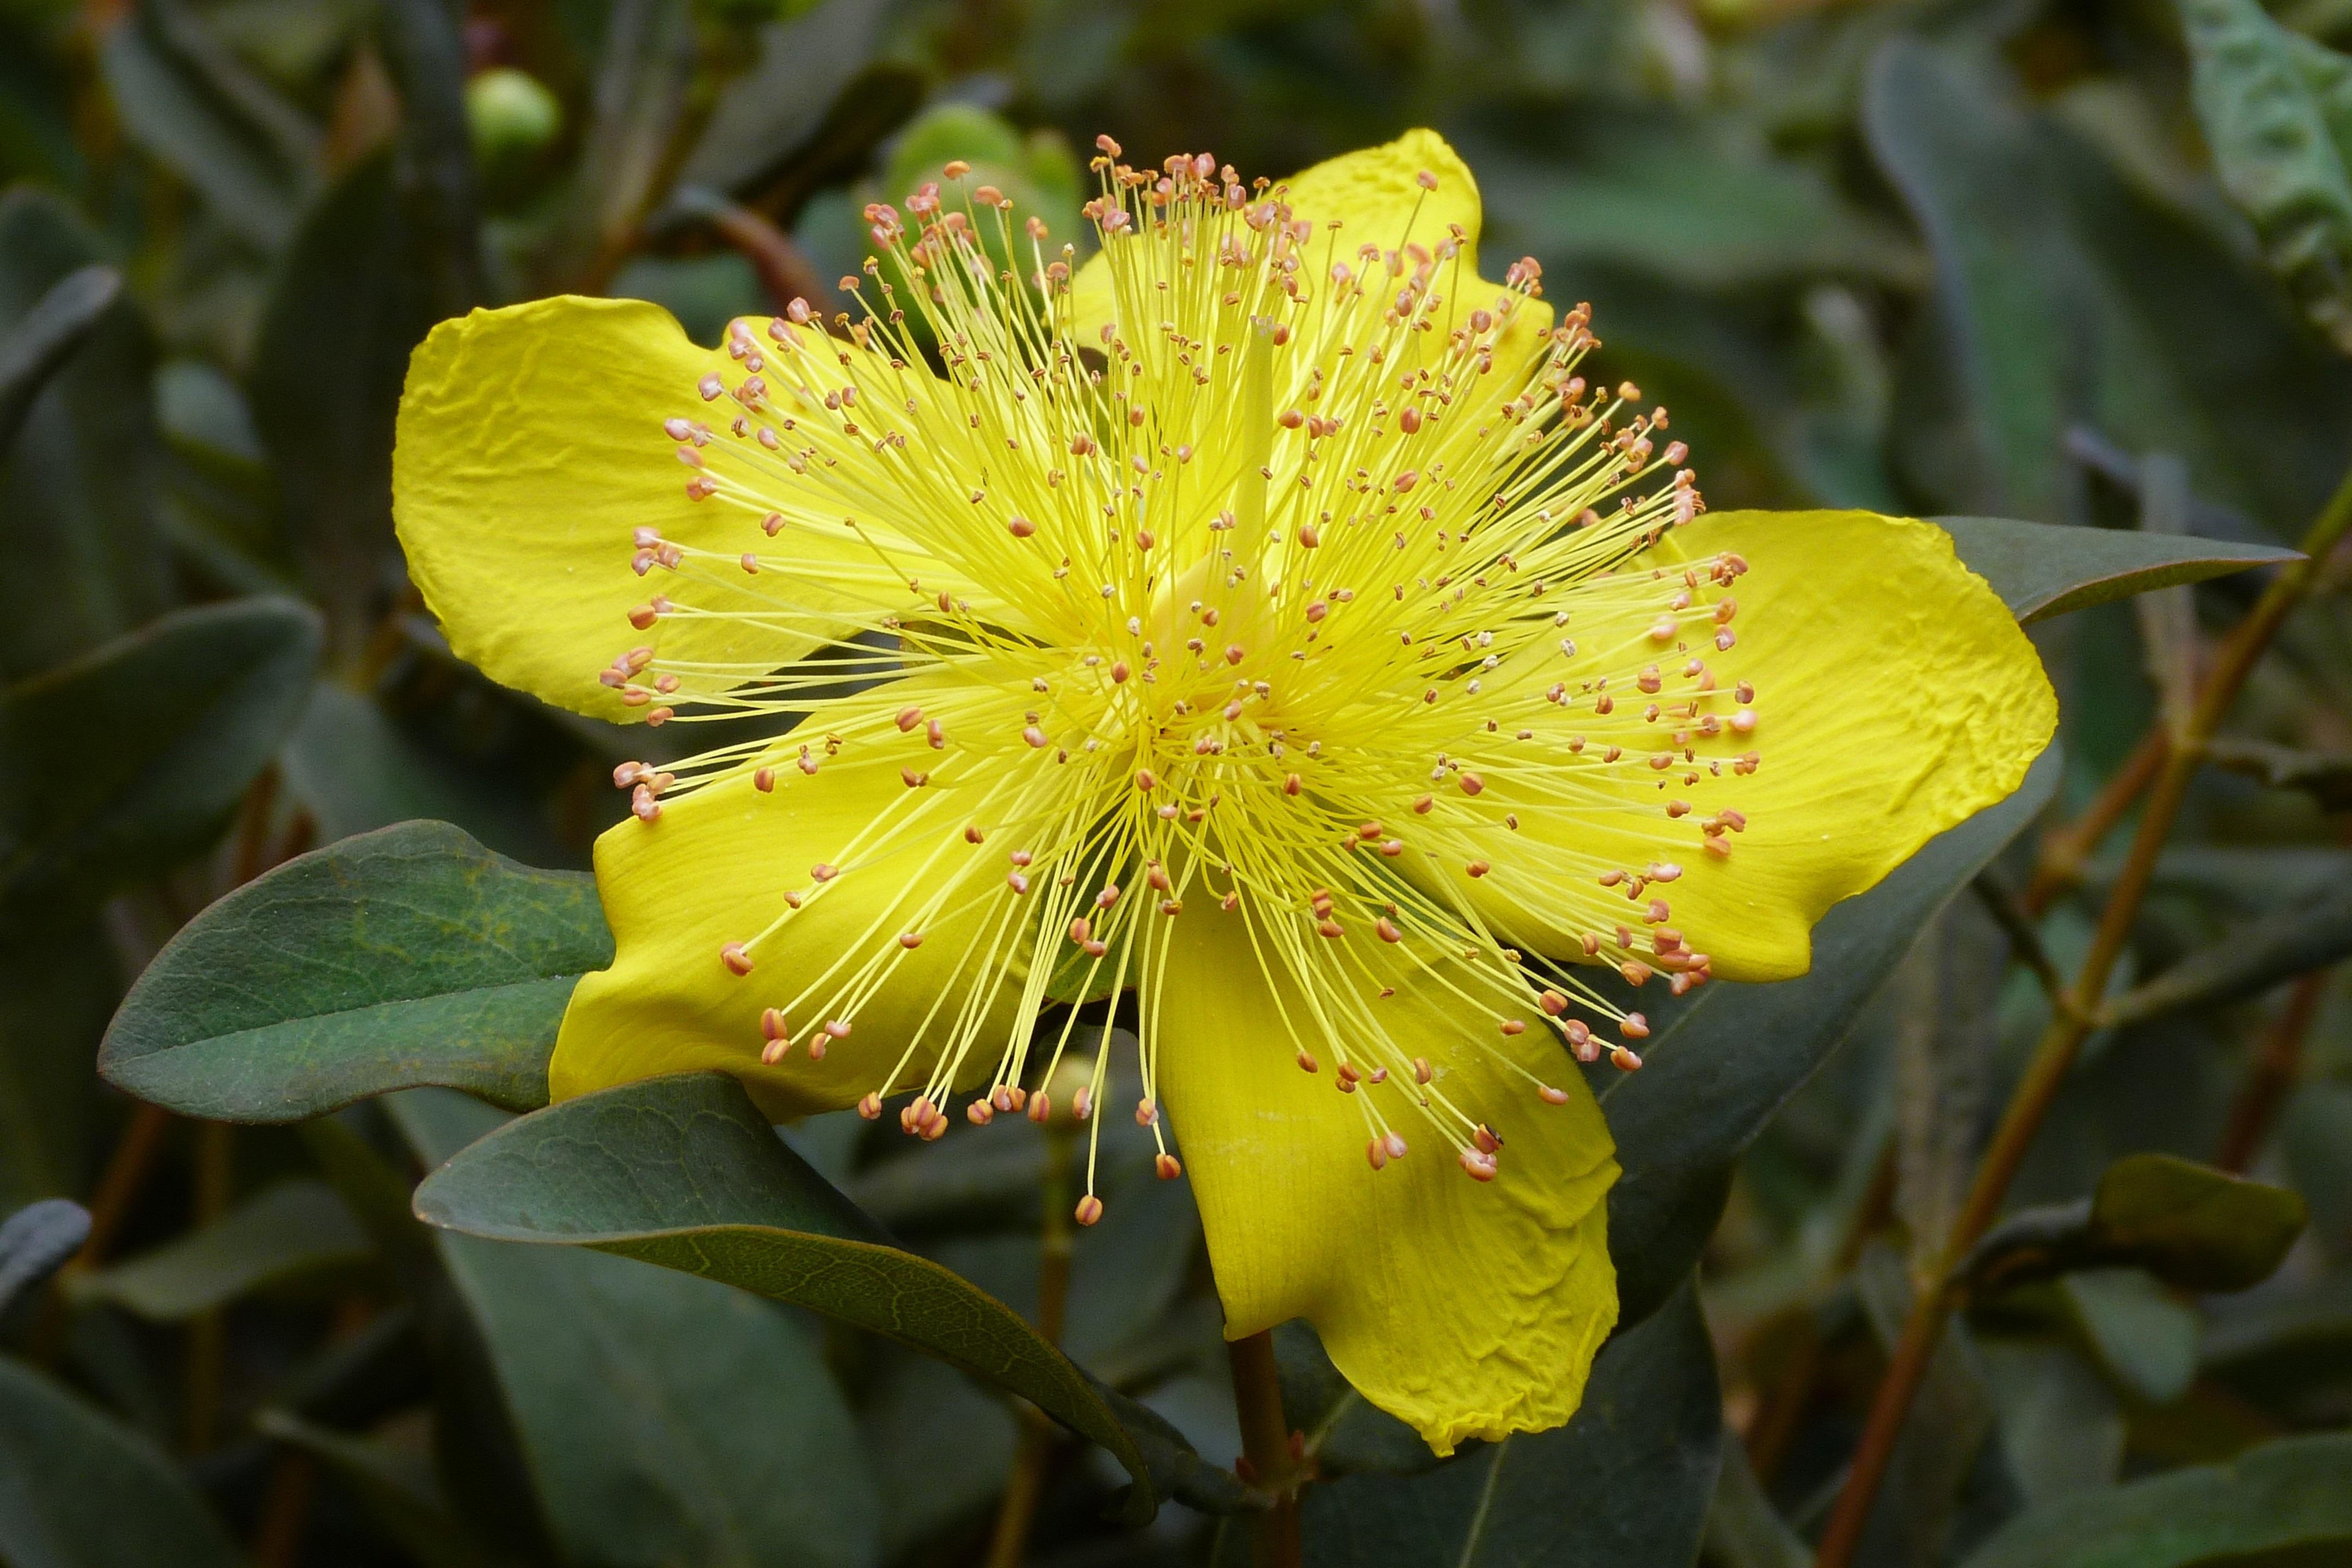 images gratuites : la nature, fleur, feuille, printemps, macro